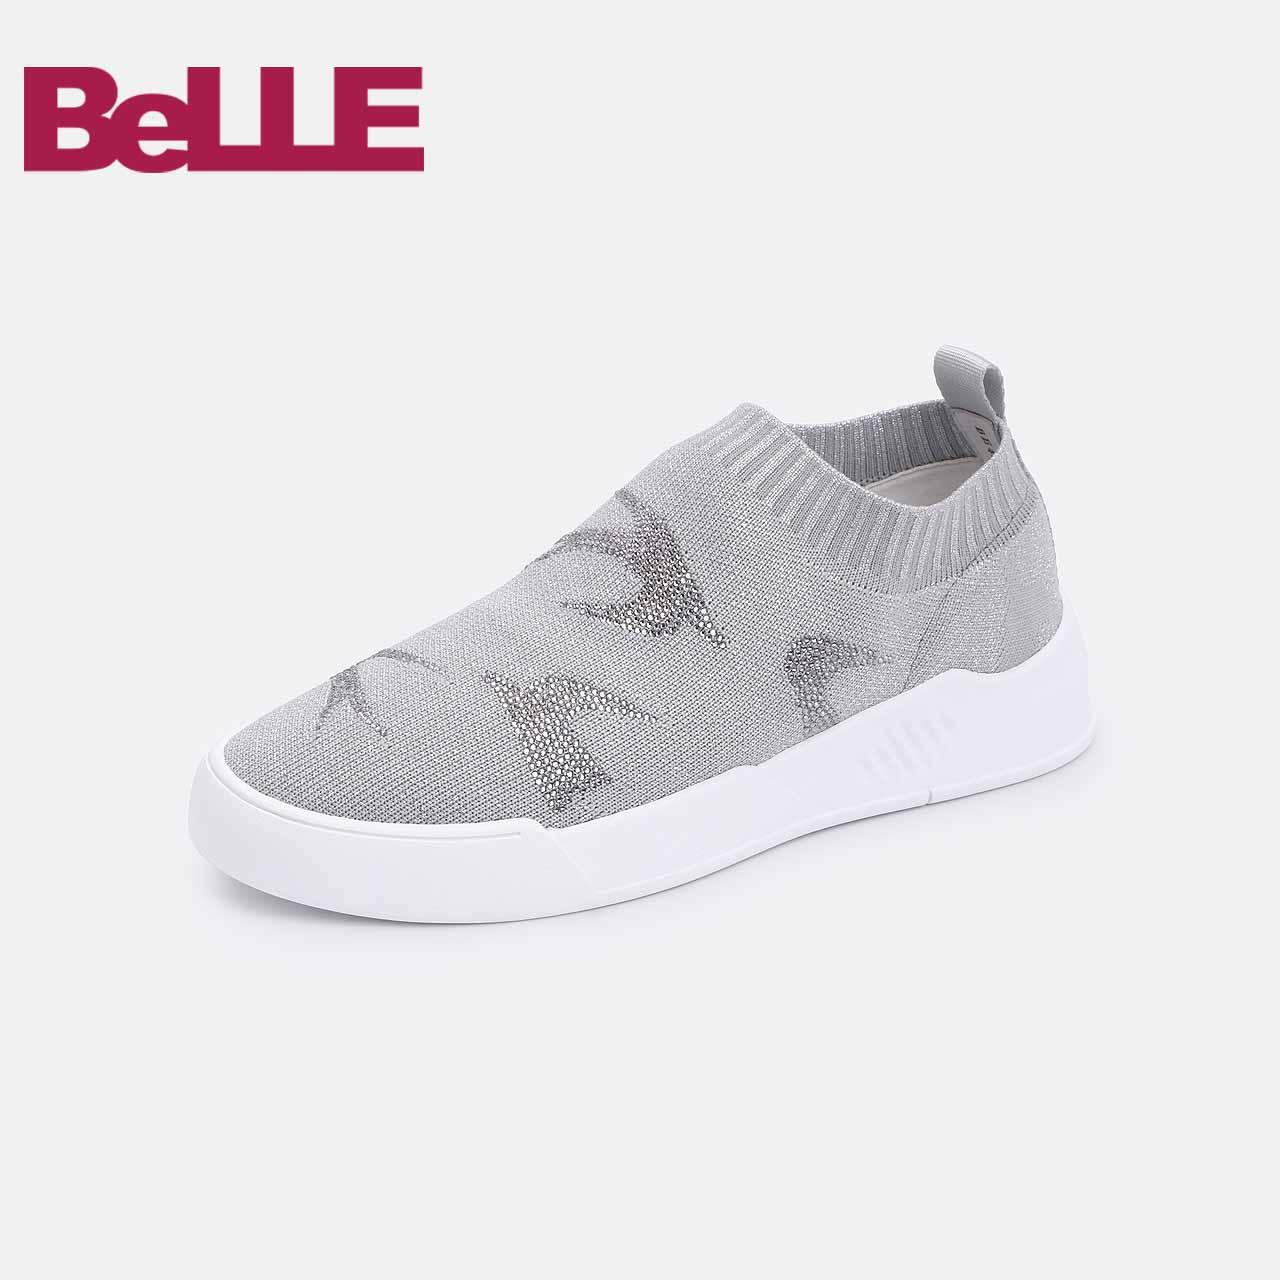 百丽休闲鞋2018秋商场同款飞织袜套女鞋透气平底板鞋BE420CM8